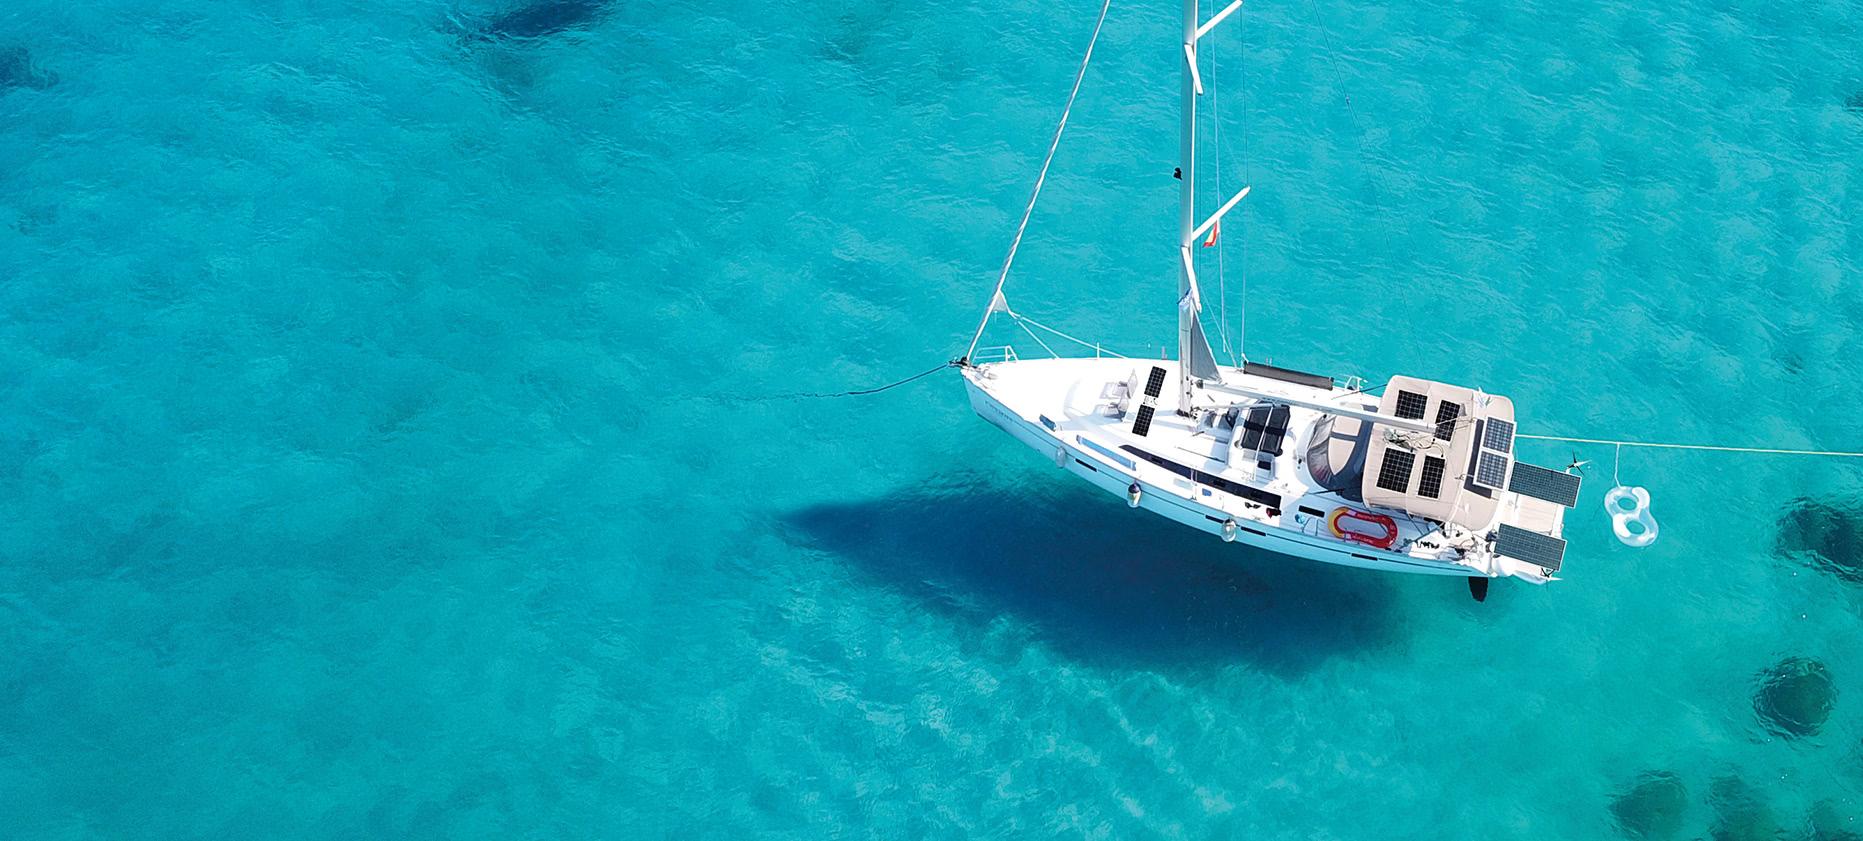 Energia verde a bordo - Impianti solari per la tua barca